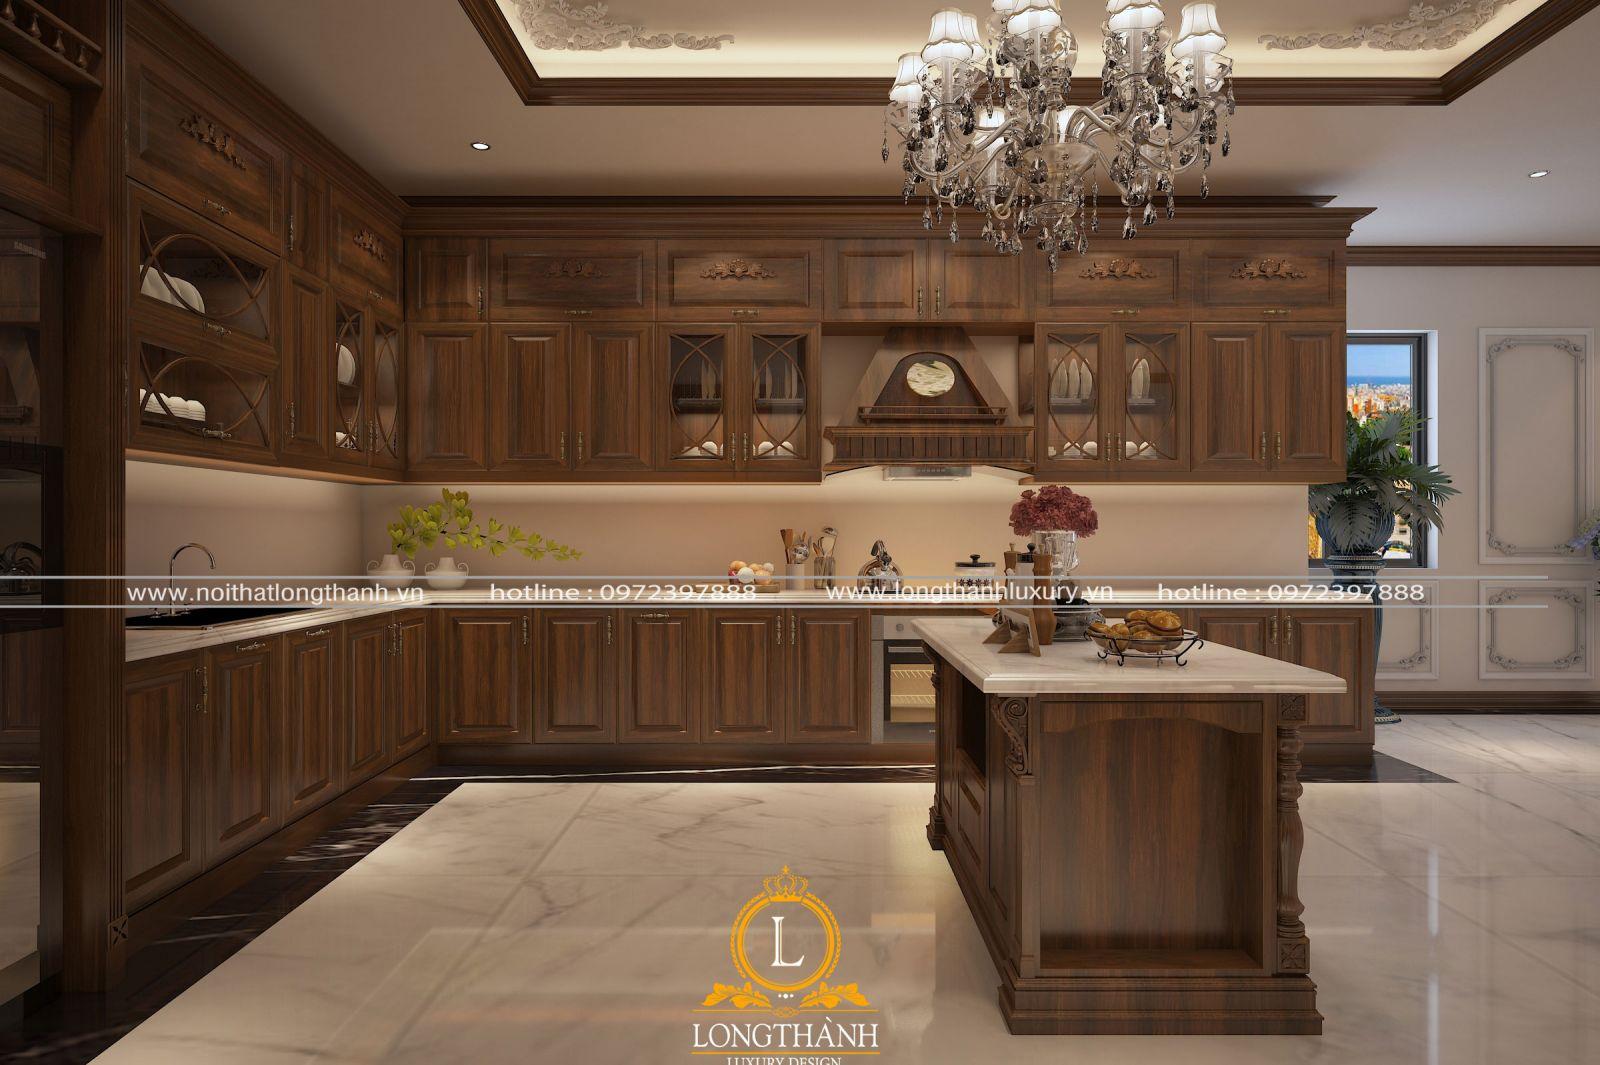 Nội  thất tủ bếp đẹp sang trọng